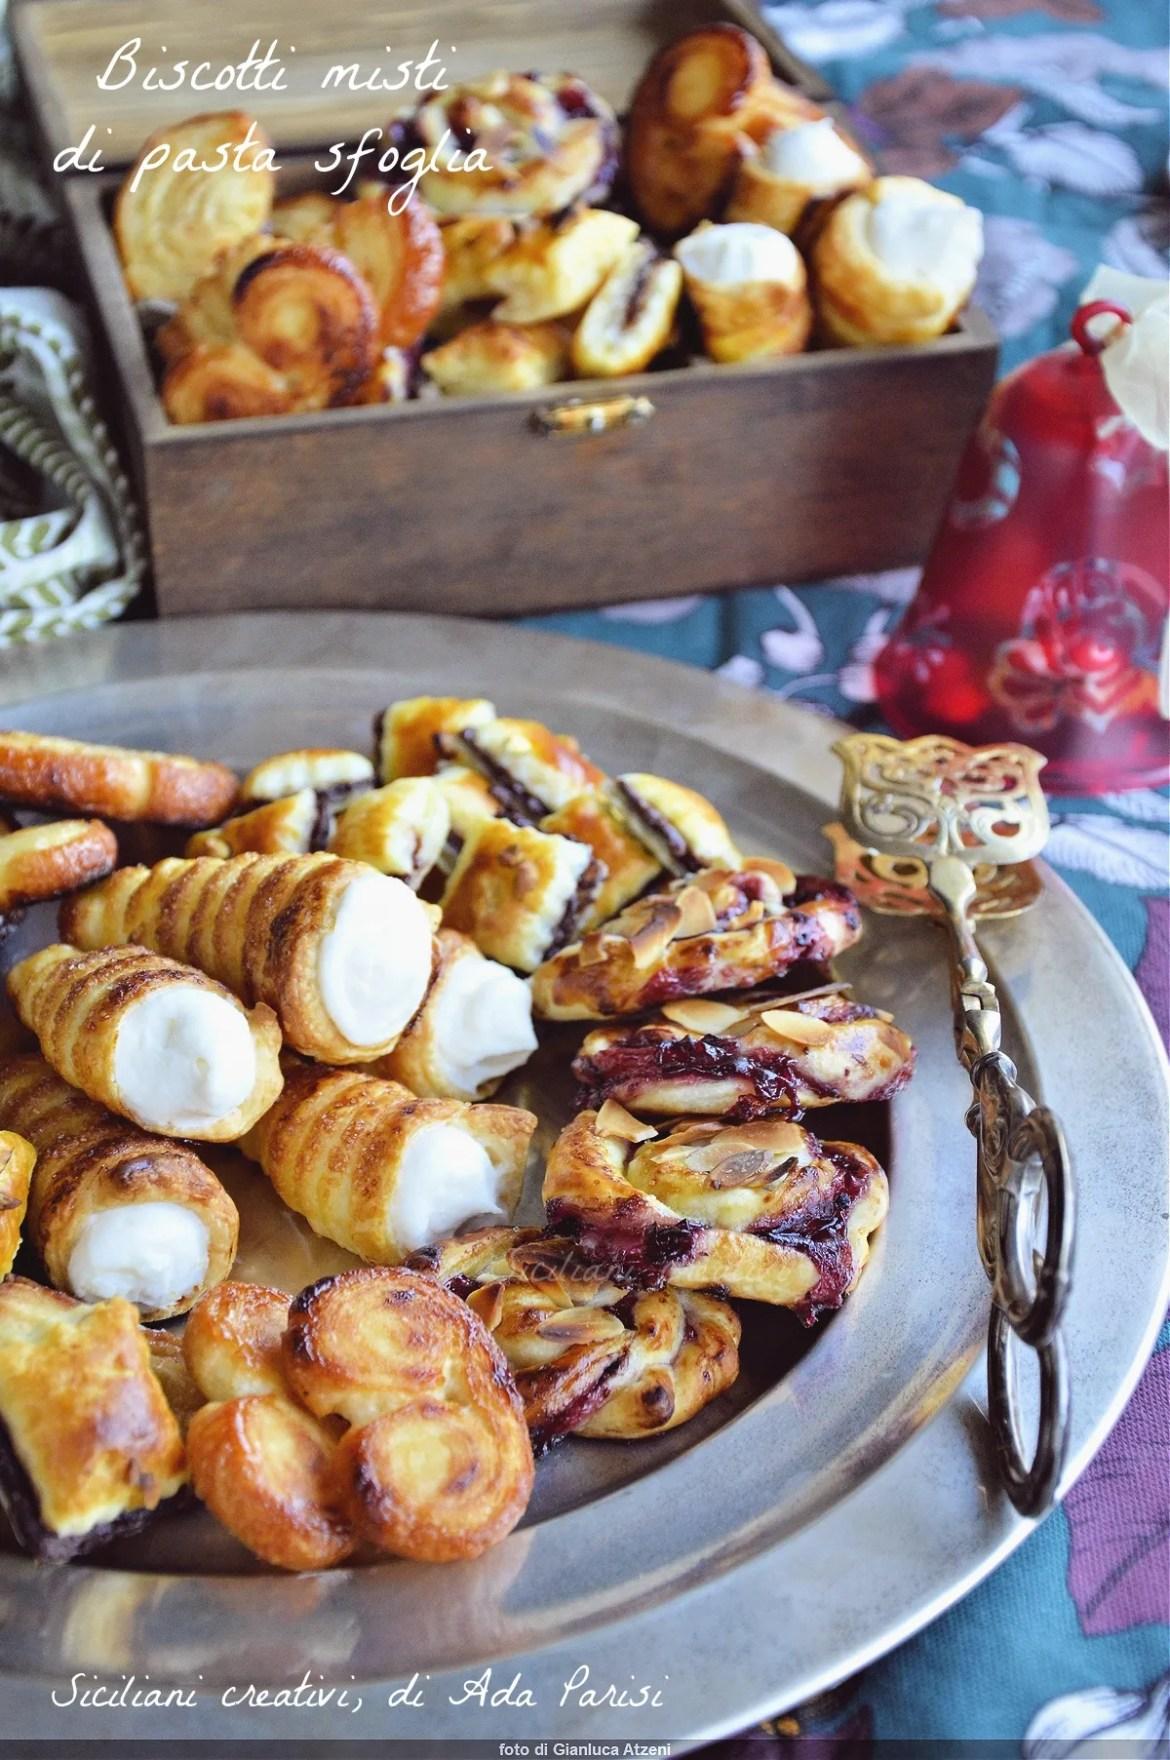 Biscuits mélangés de pâte feuilletée